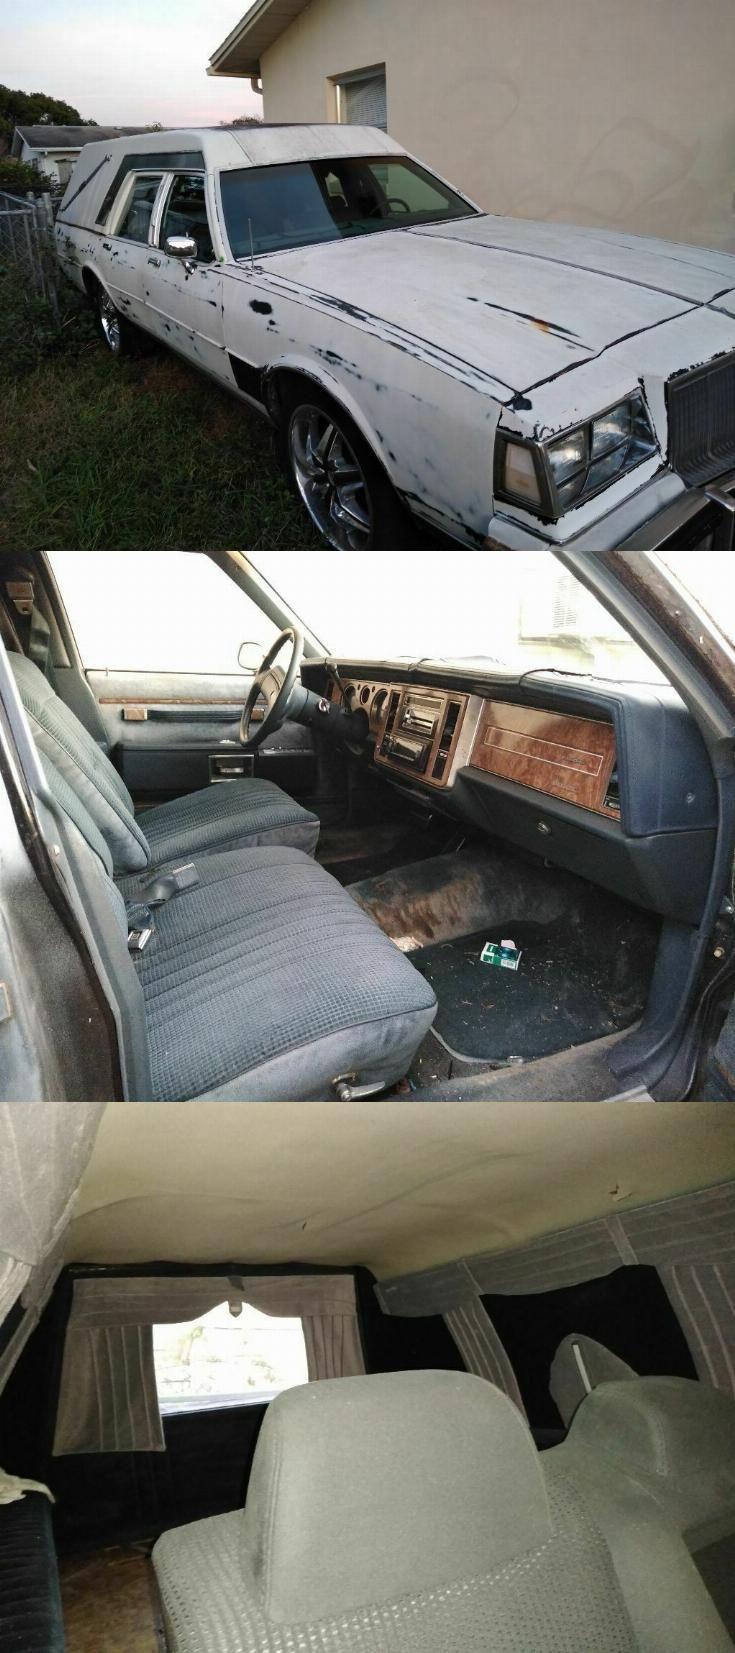 needs tlc 1988 buick lesabre hearse [ 735 x 1653 Pixel ]